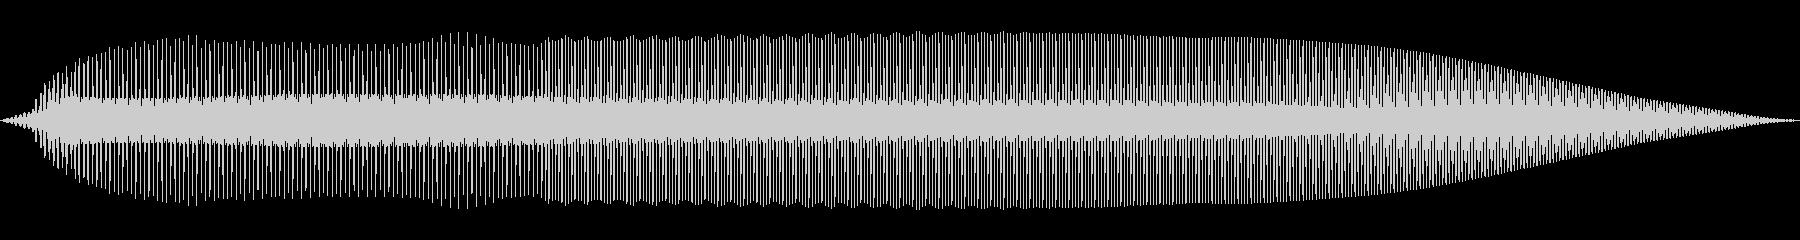 ピコッ(機械/ロボット/ボタン)の未再生の波形